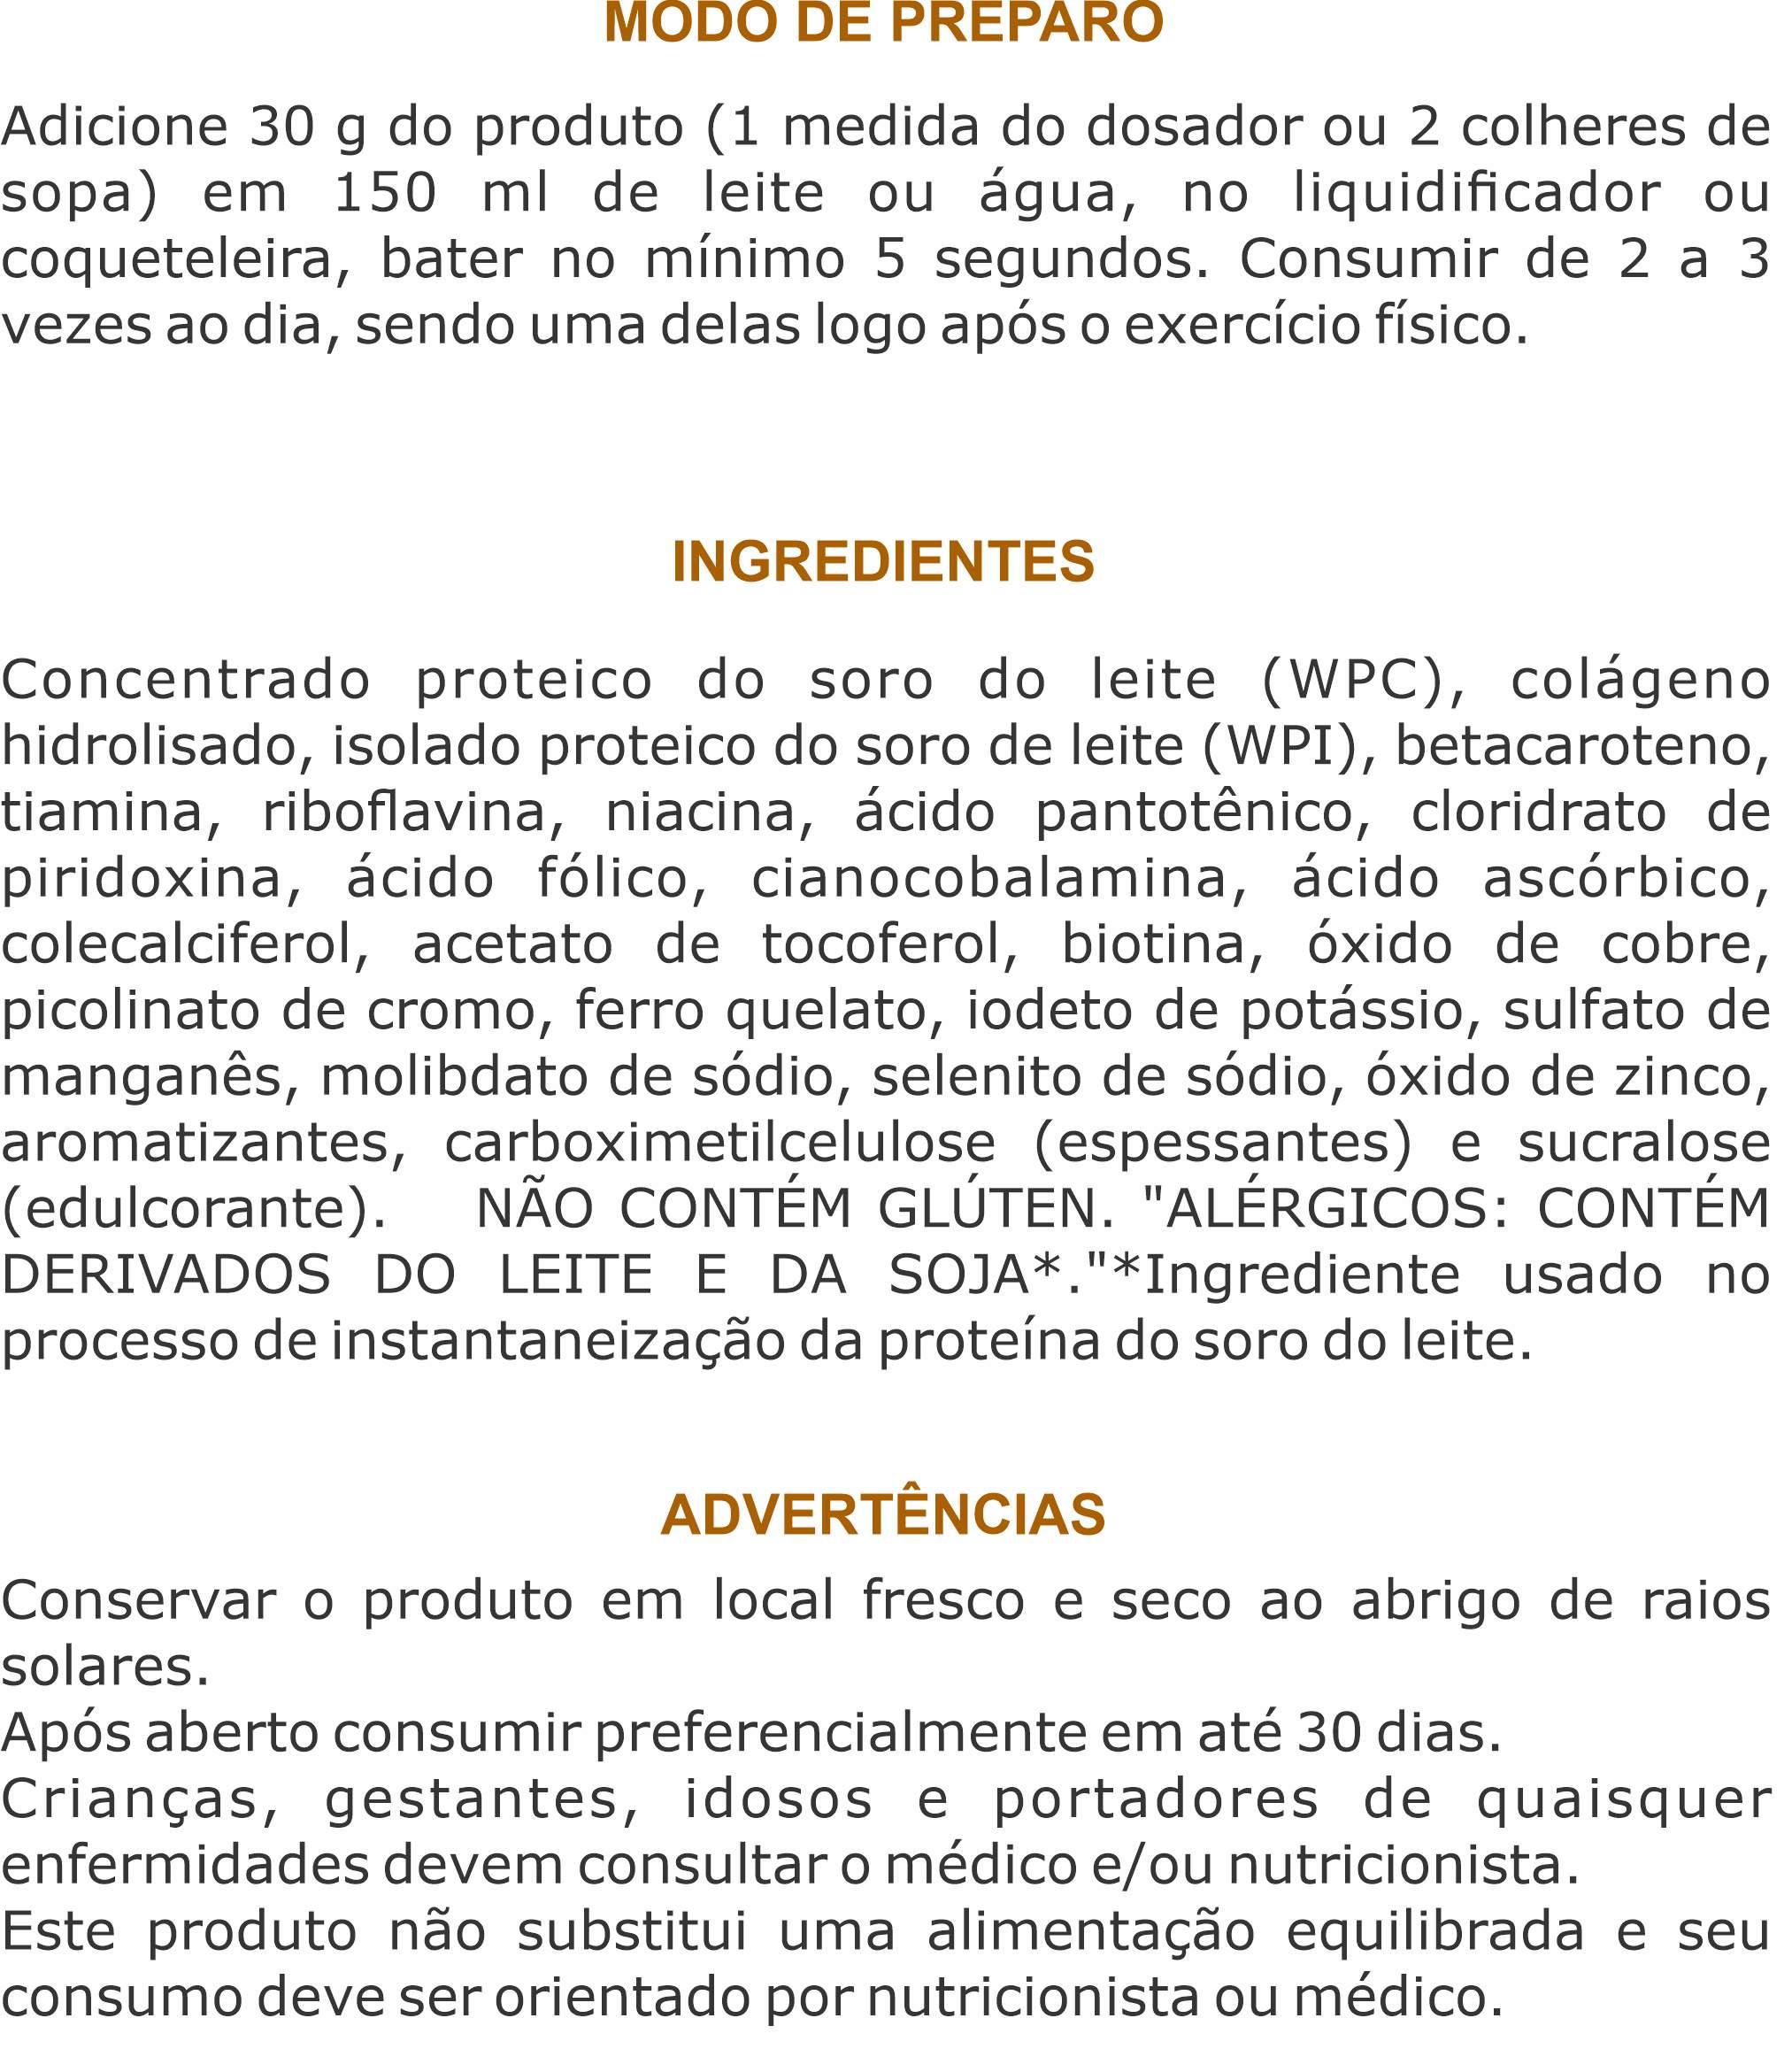 20210223_HERWHEY_MODO_DE_PREPARO.jpg